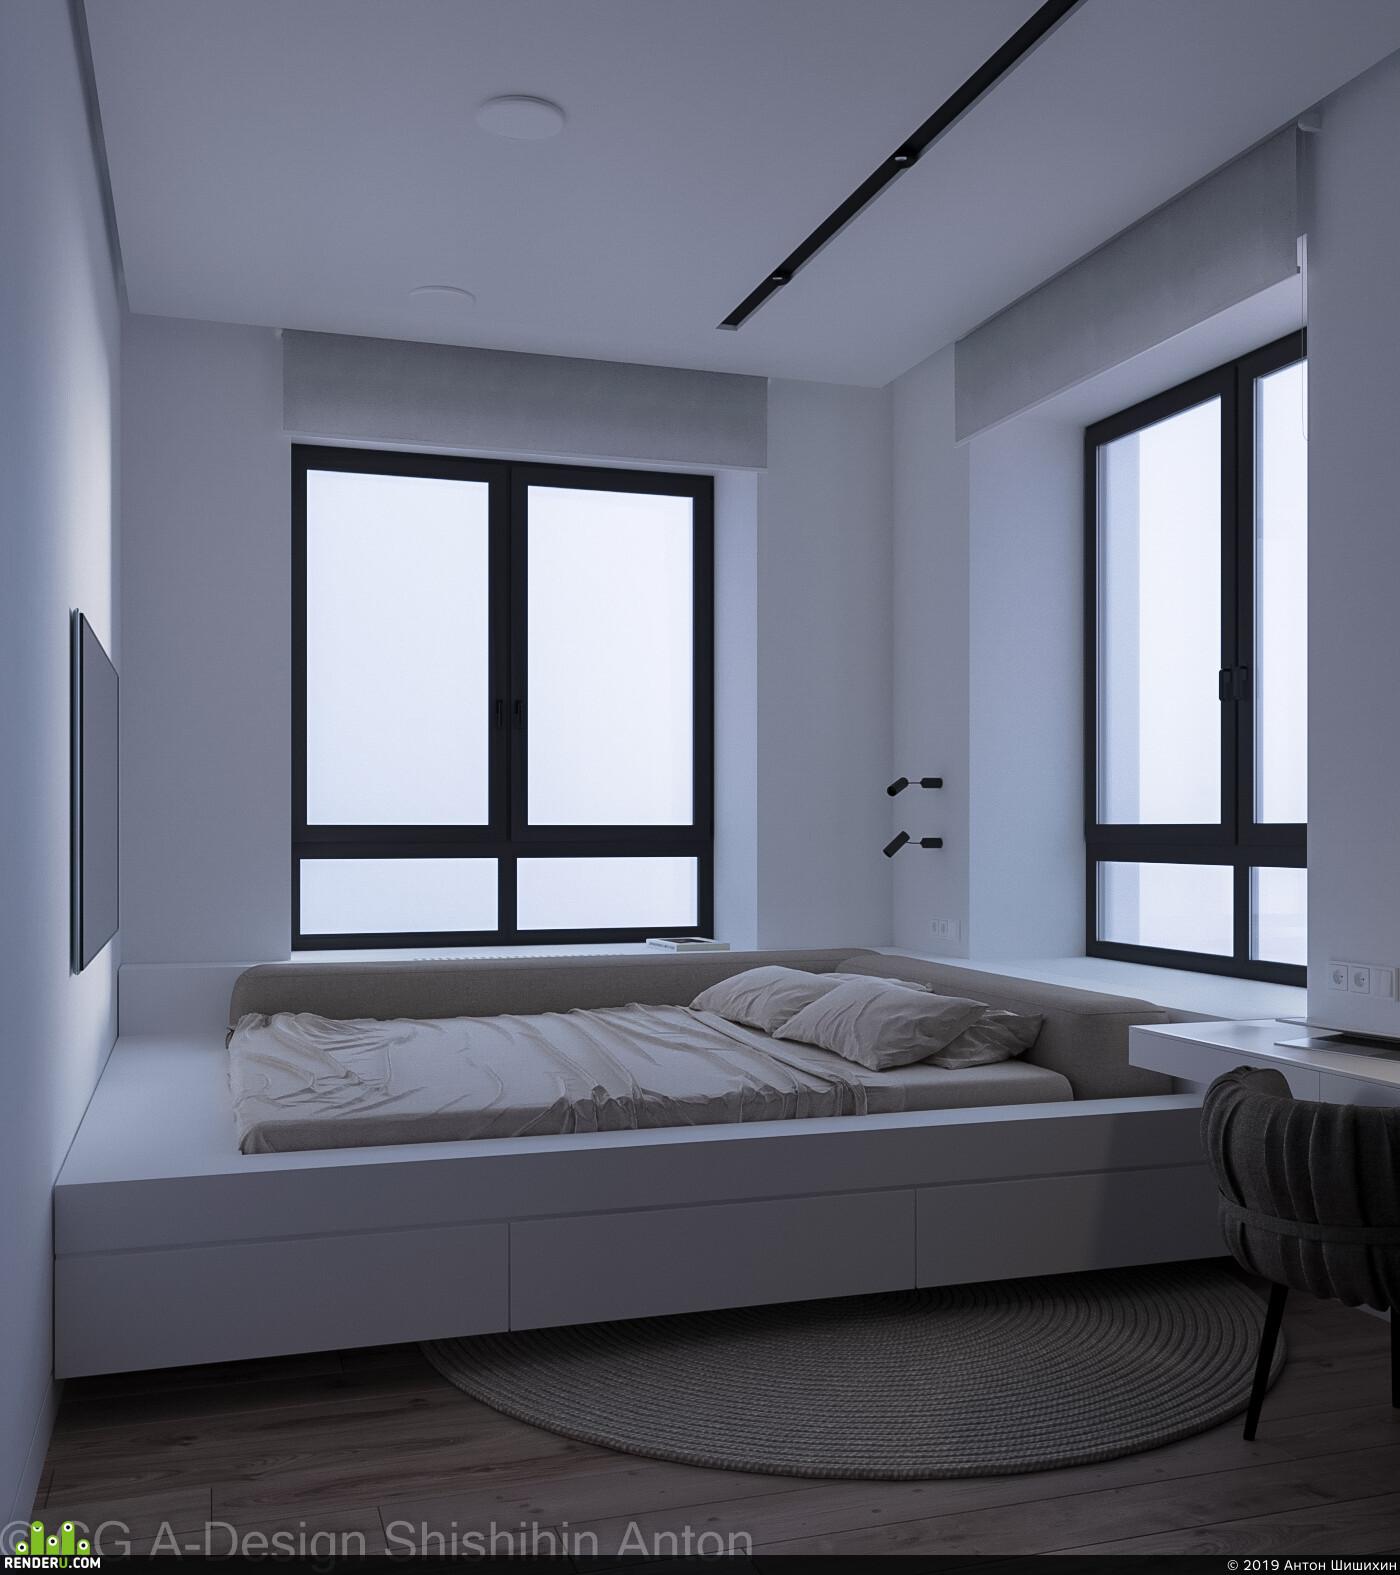 интерьер, Предметная визуализация, архитектурная визуализация, визуализация, архитектура, интерьер, корона, дизайн